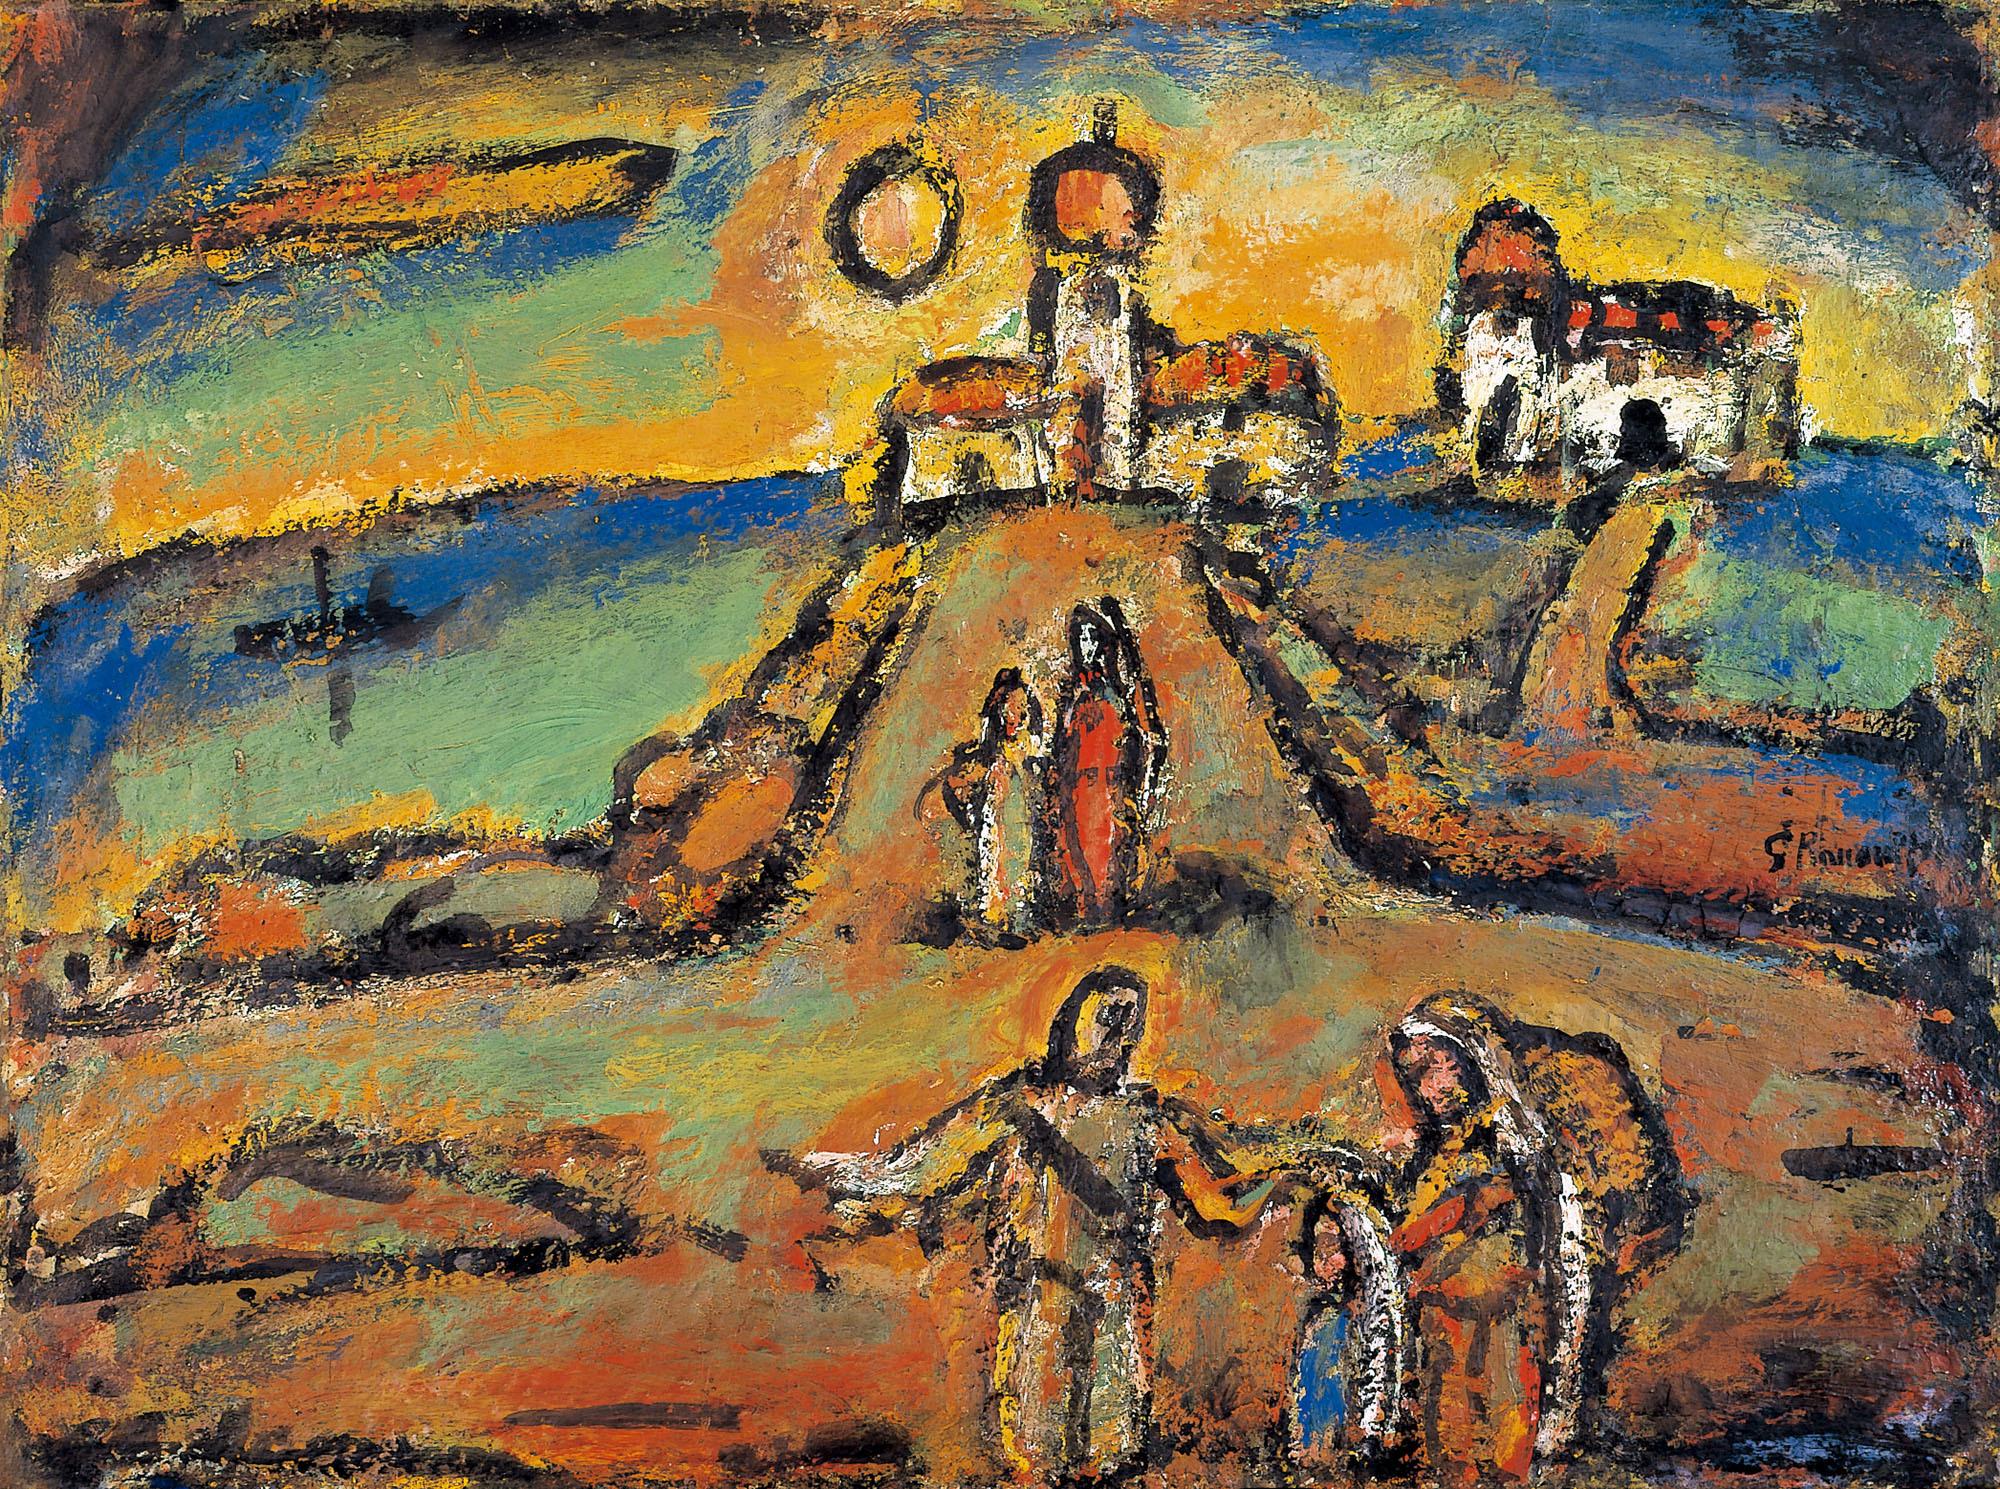 ジョルジュ・ルオー《秋の夜景》1952年 パナソニック 汐留ミュージアム